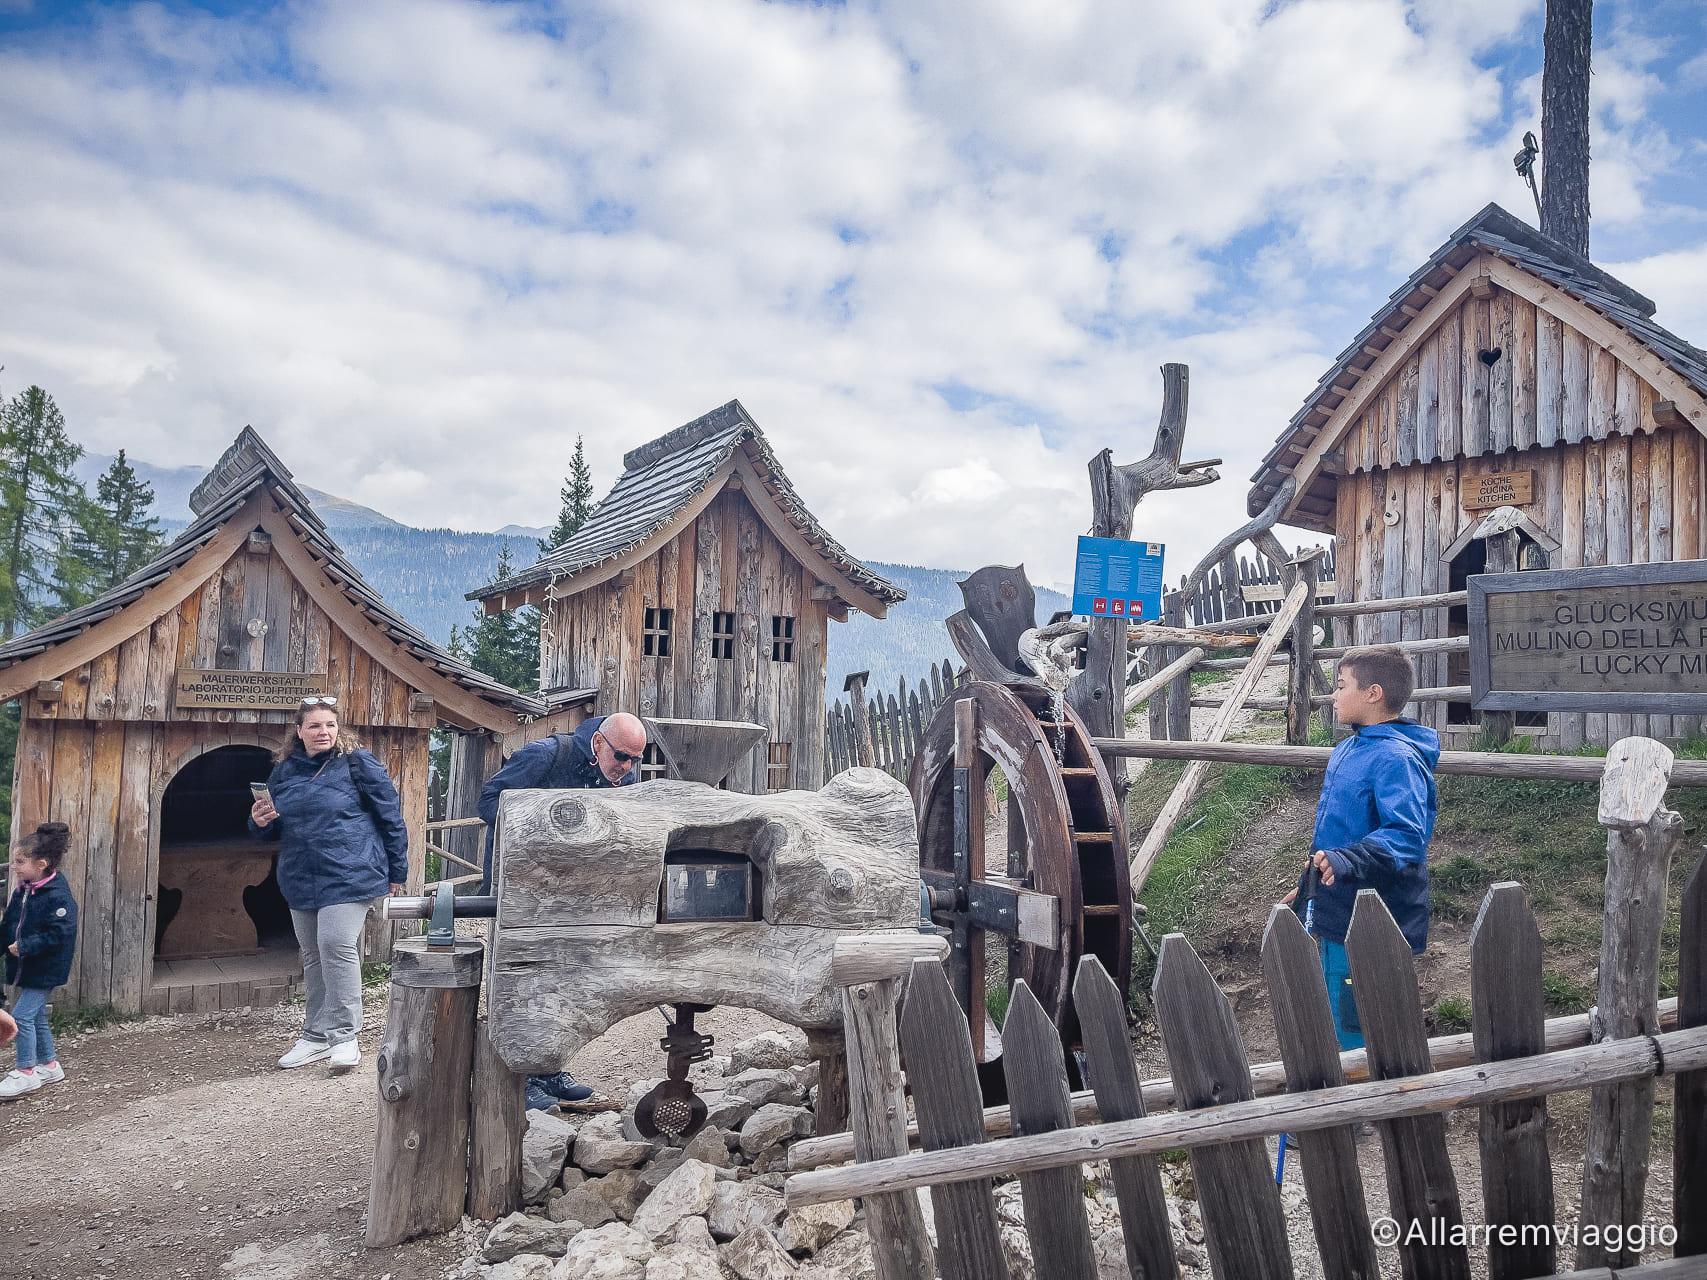 villaggio degli gnomi gigante baranci